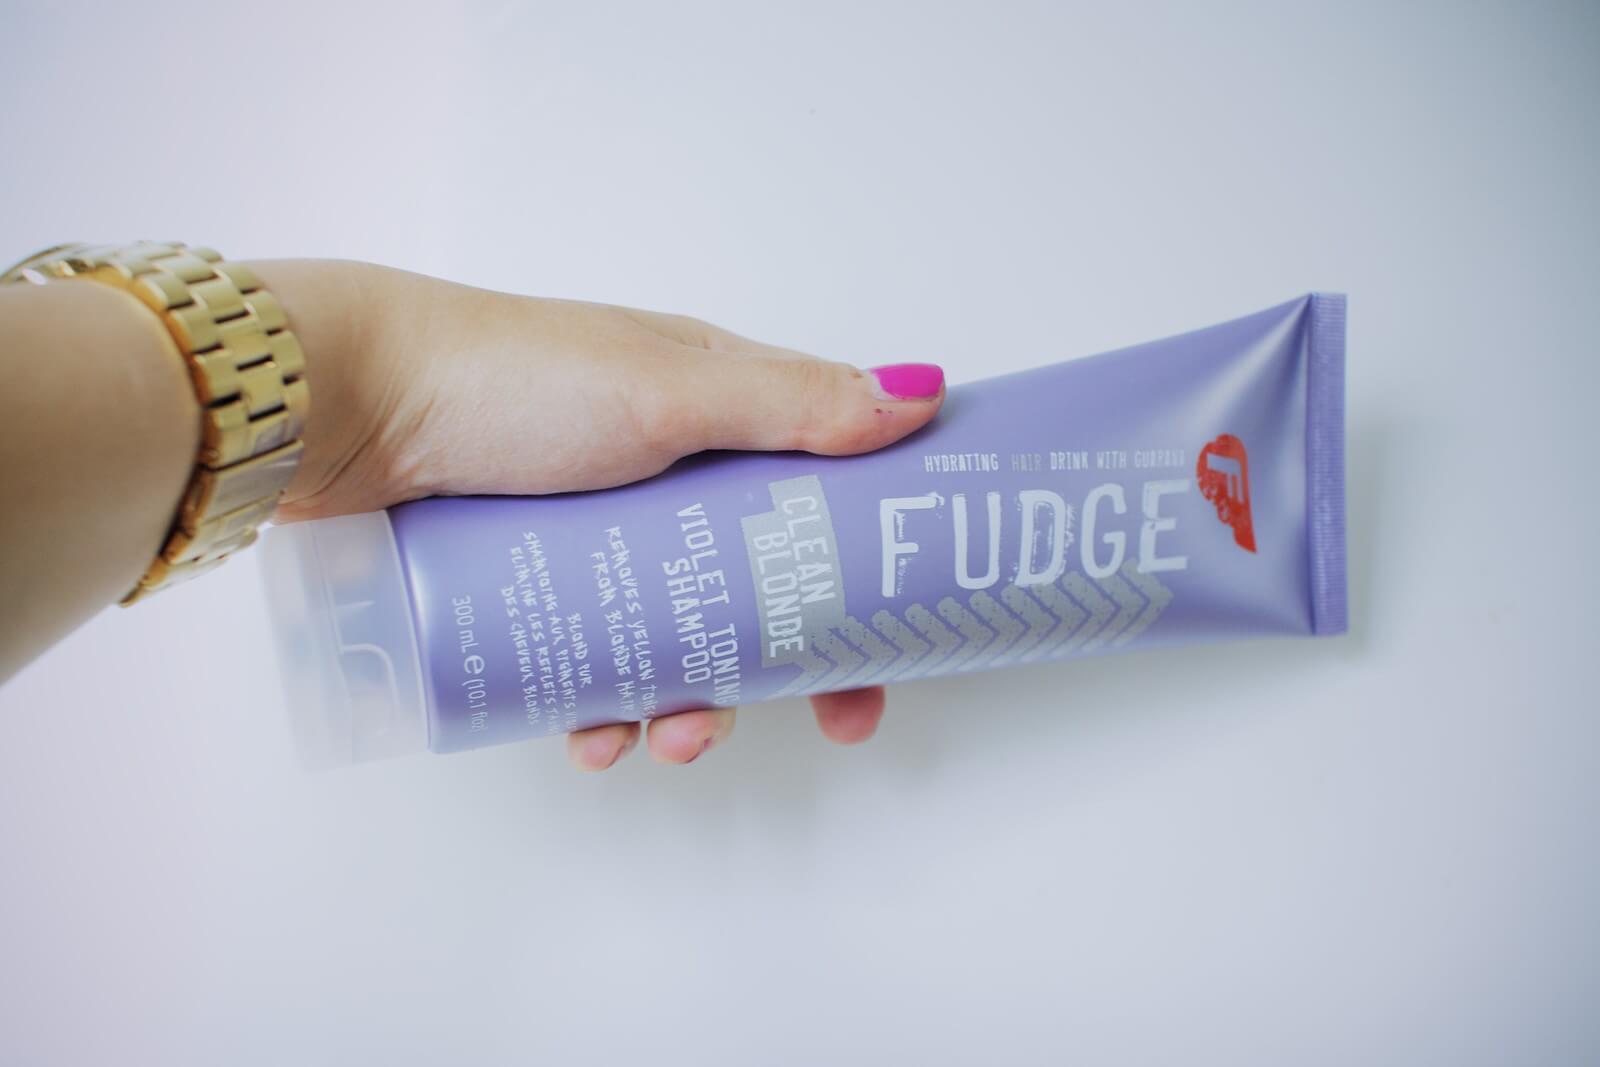 miglior-shampoo-antigiallo